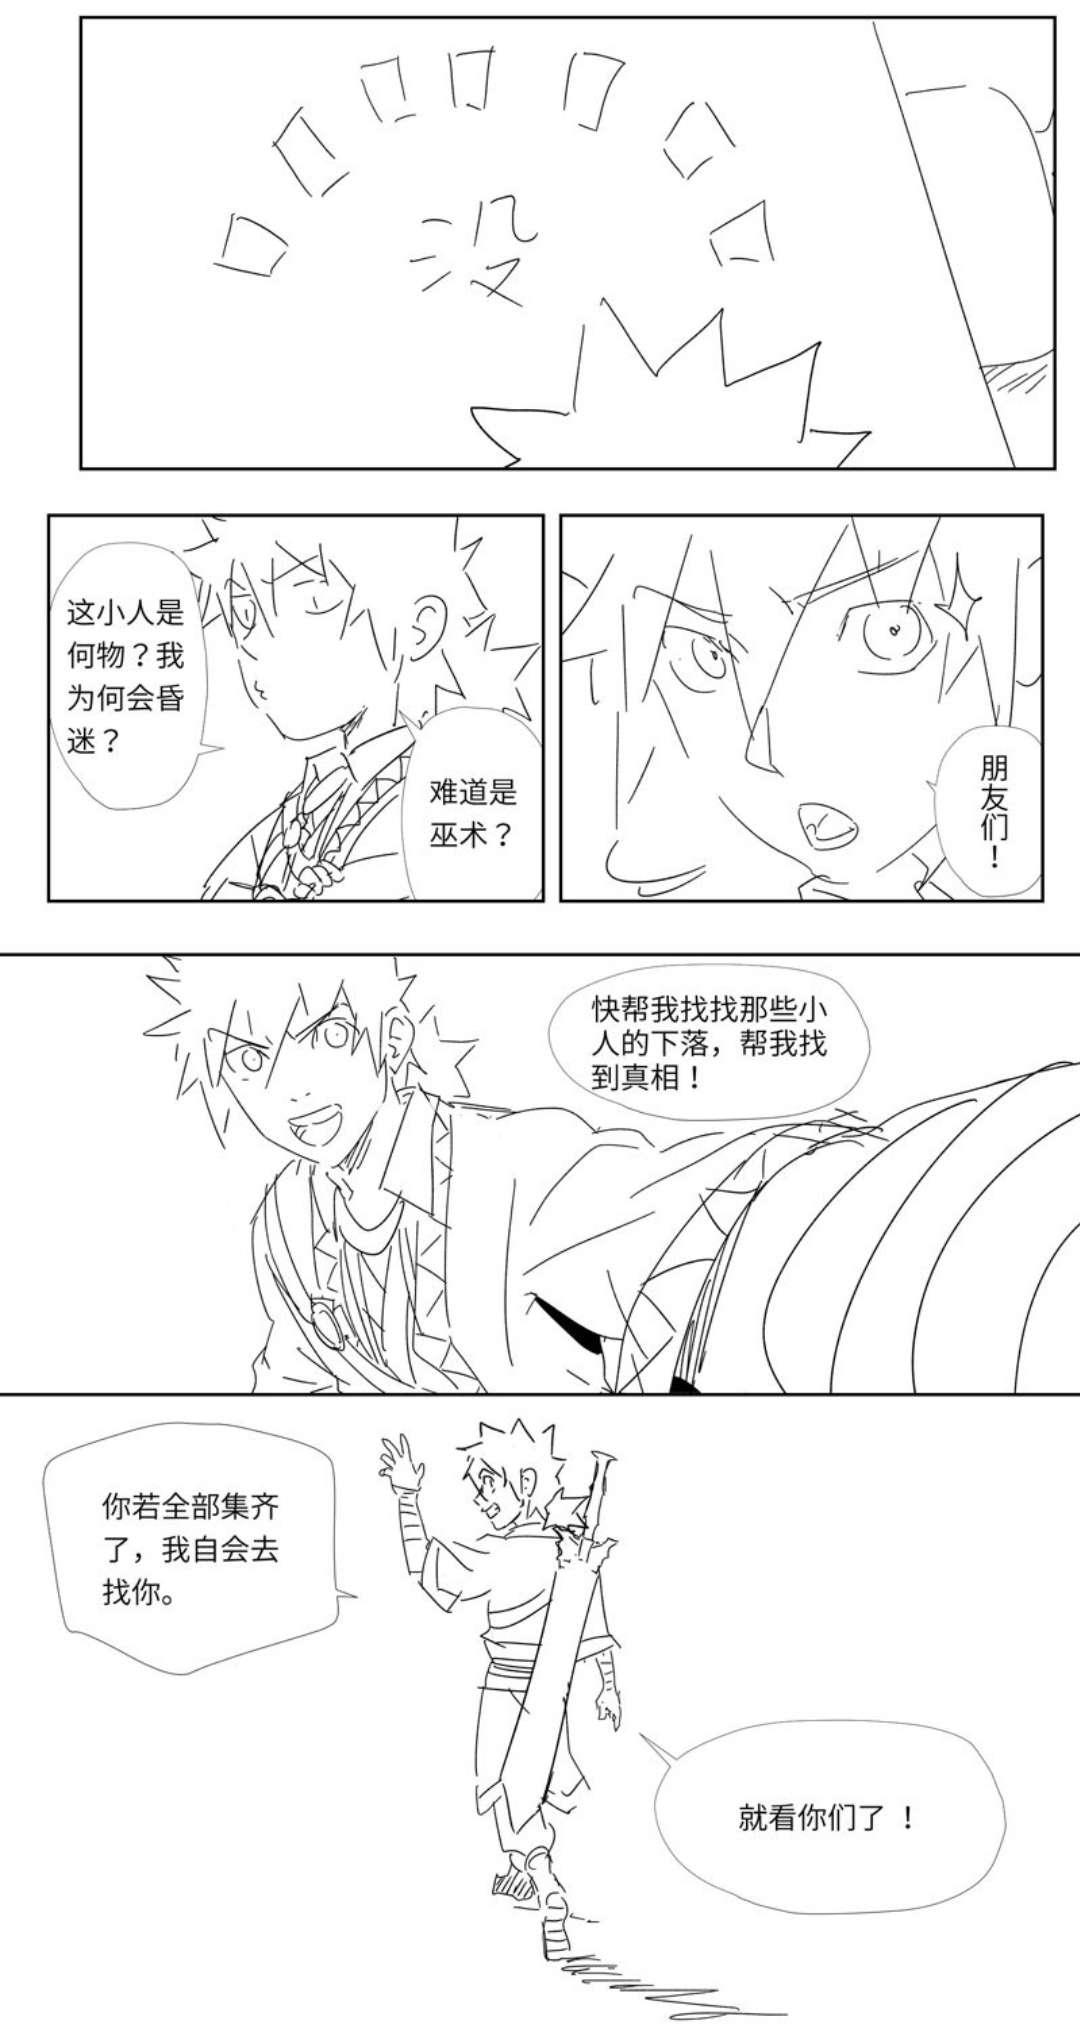 【漫画】妖神记番外,男人的性事 漫画图片